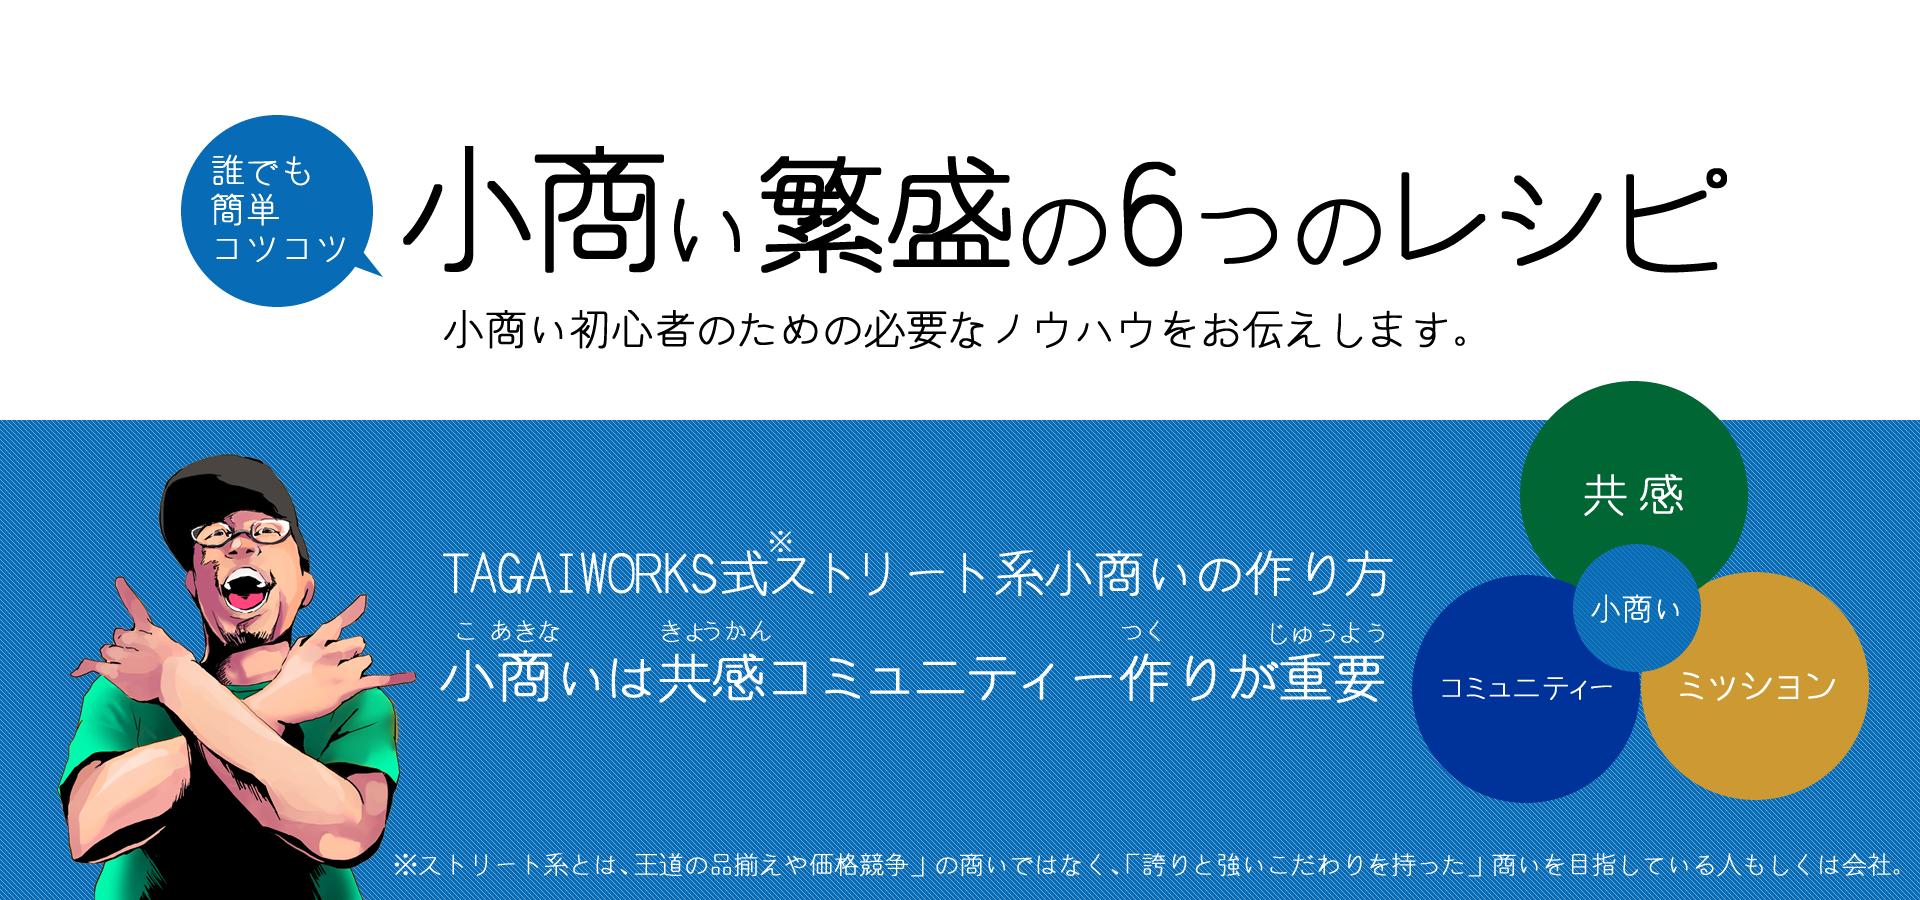 tagaiworks_top_img2